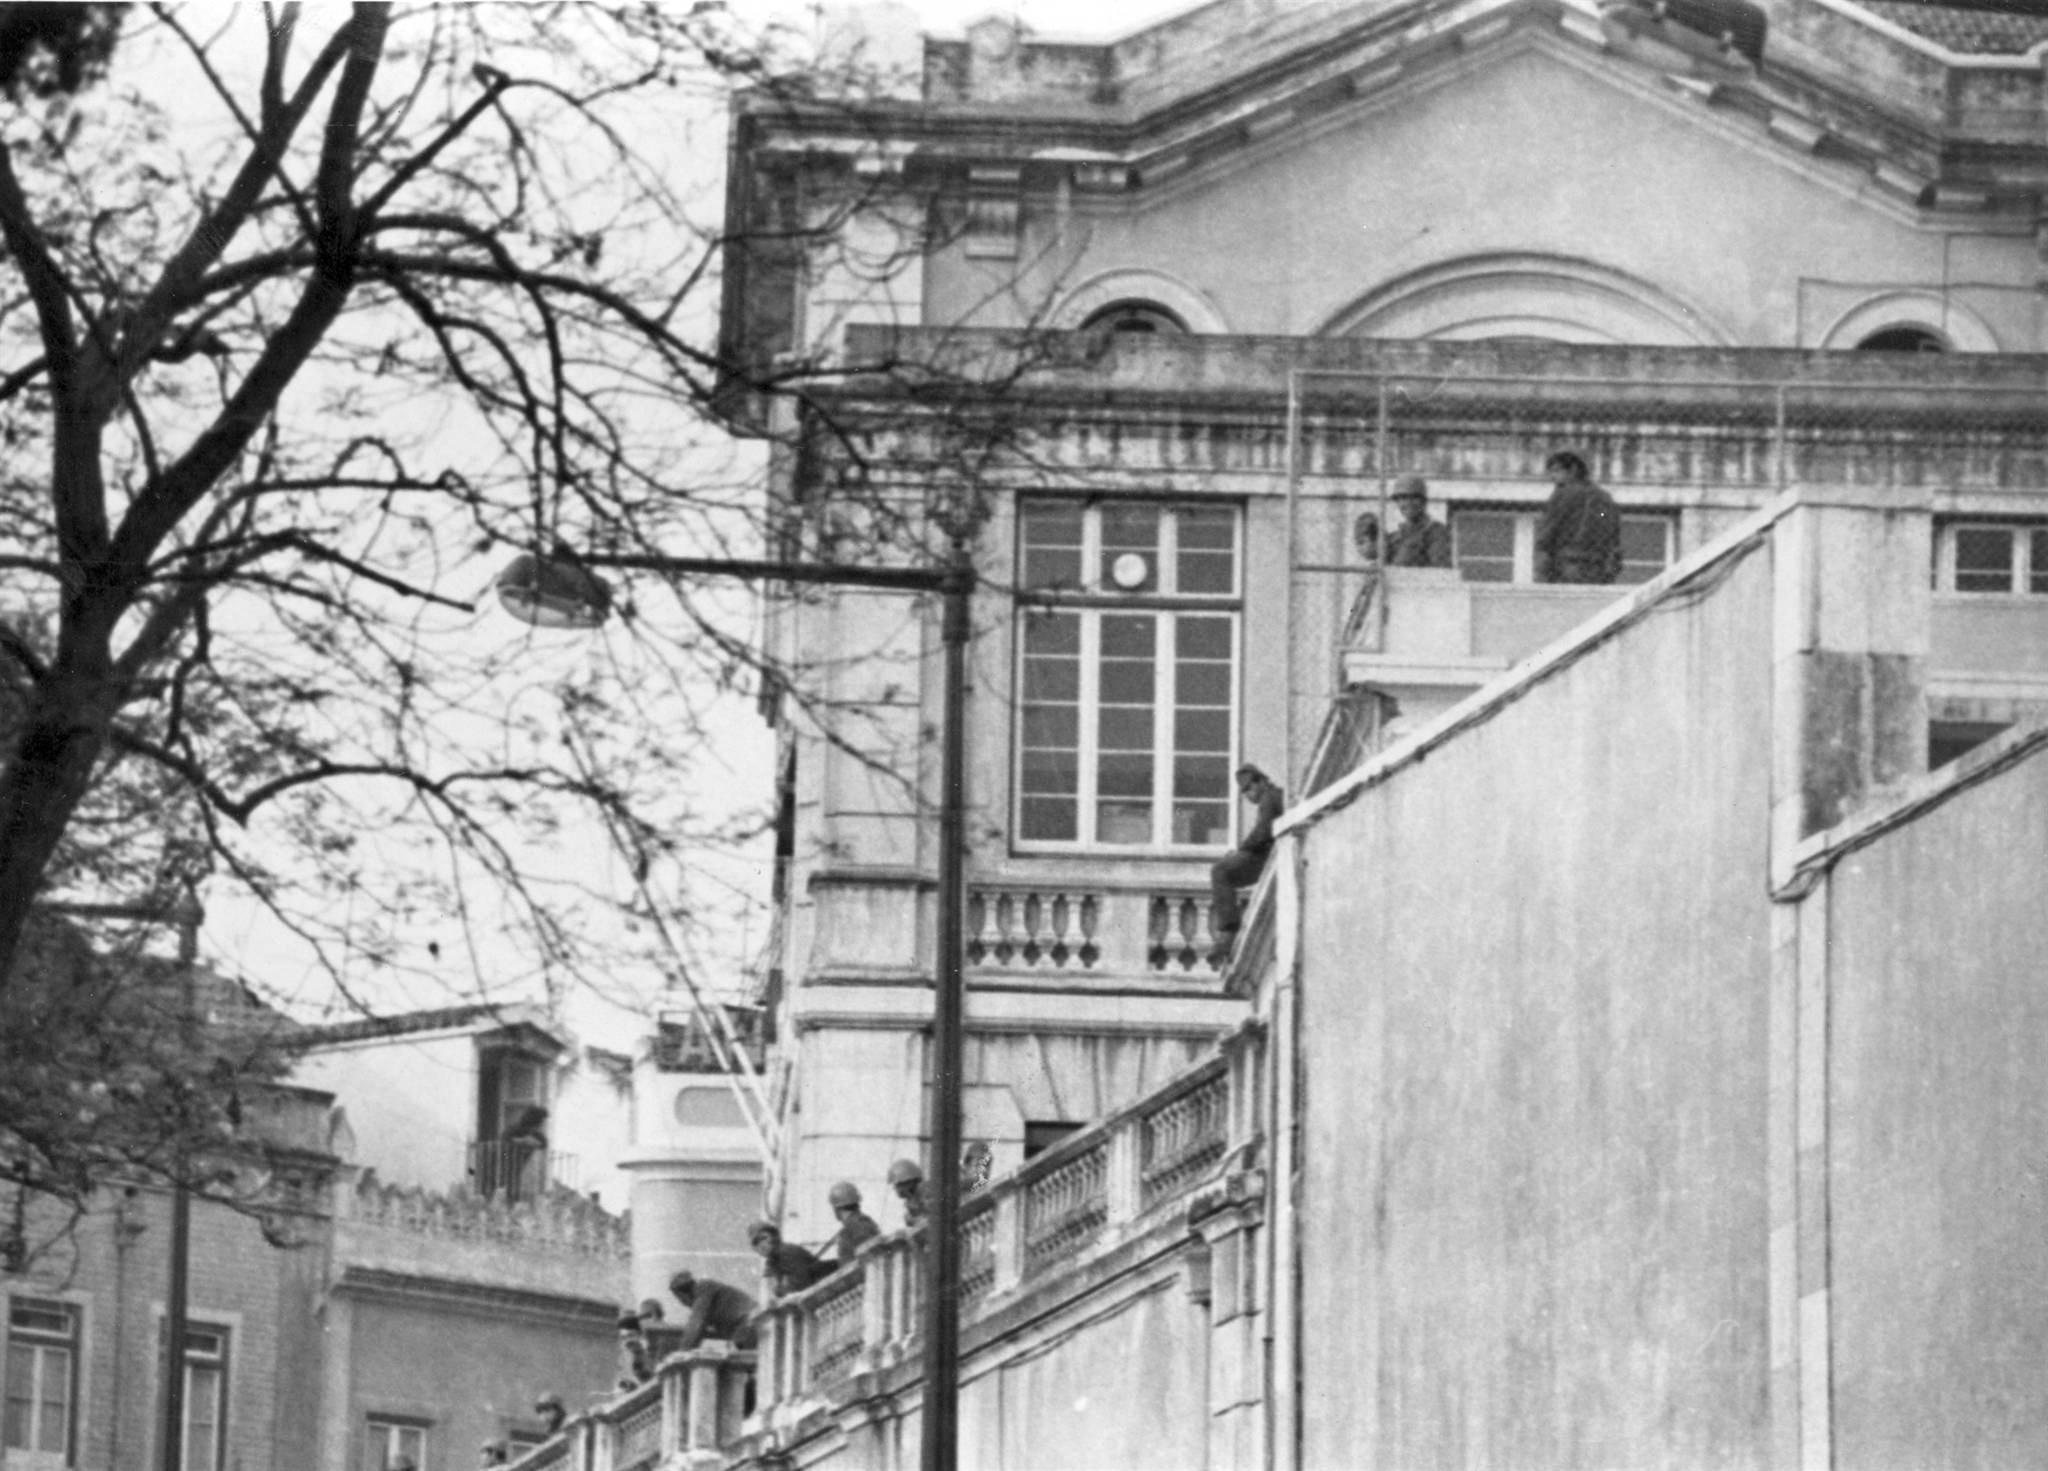 Emissora Nacional ocupada por soldados no dia 25 de abril de 1974. Via Arquivo Municipal de Lisboa.